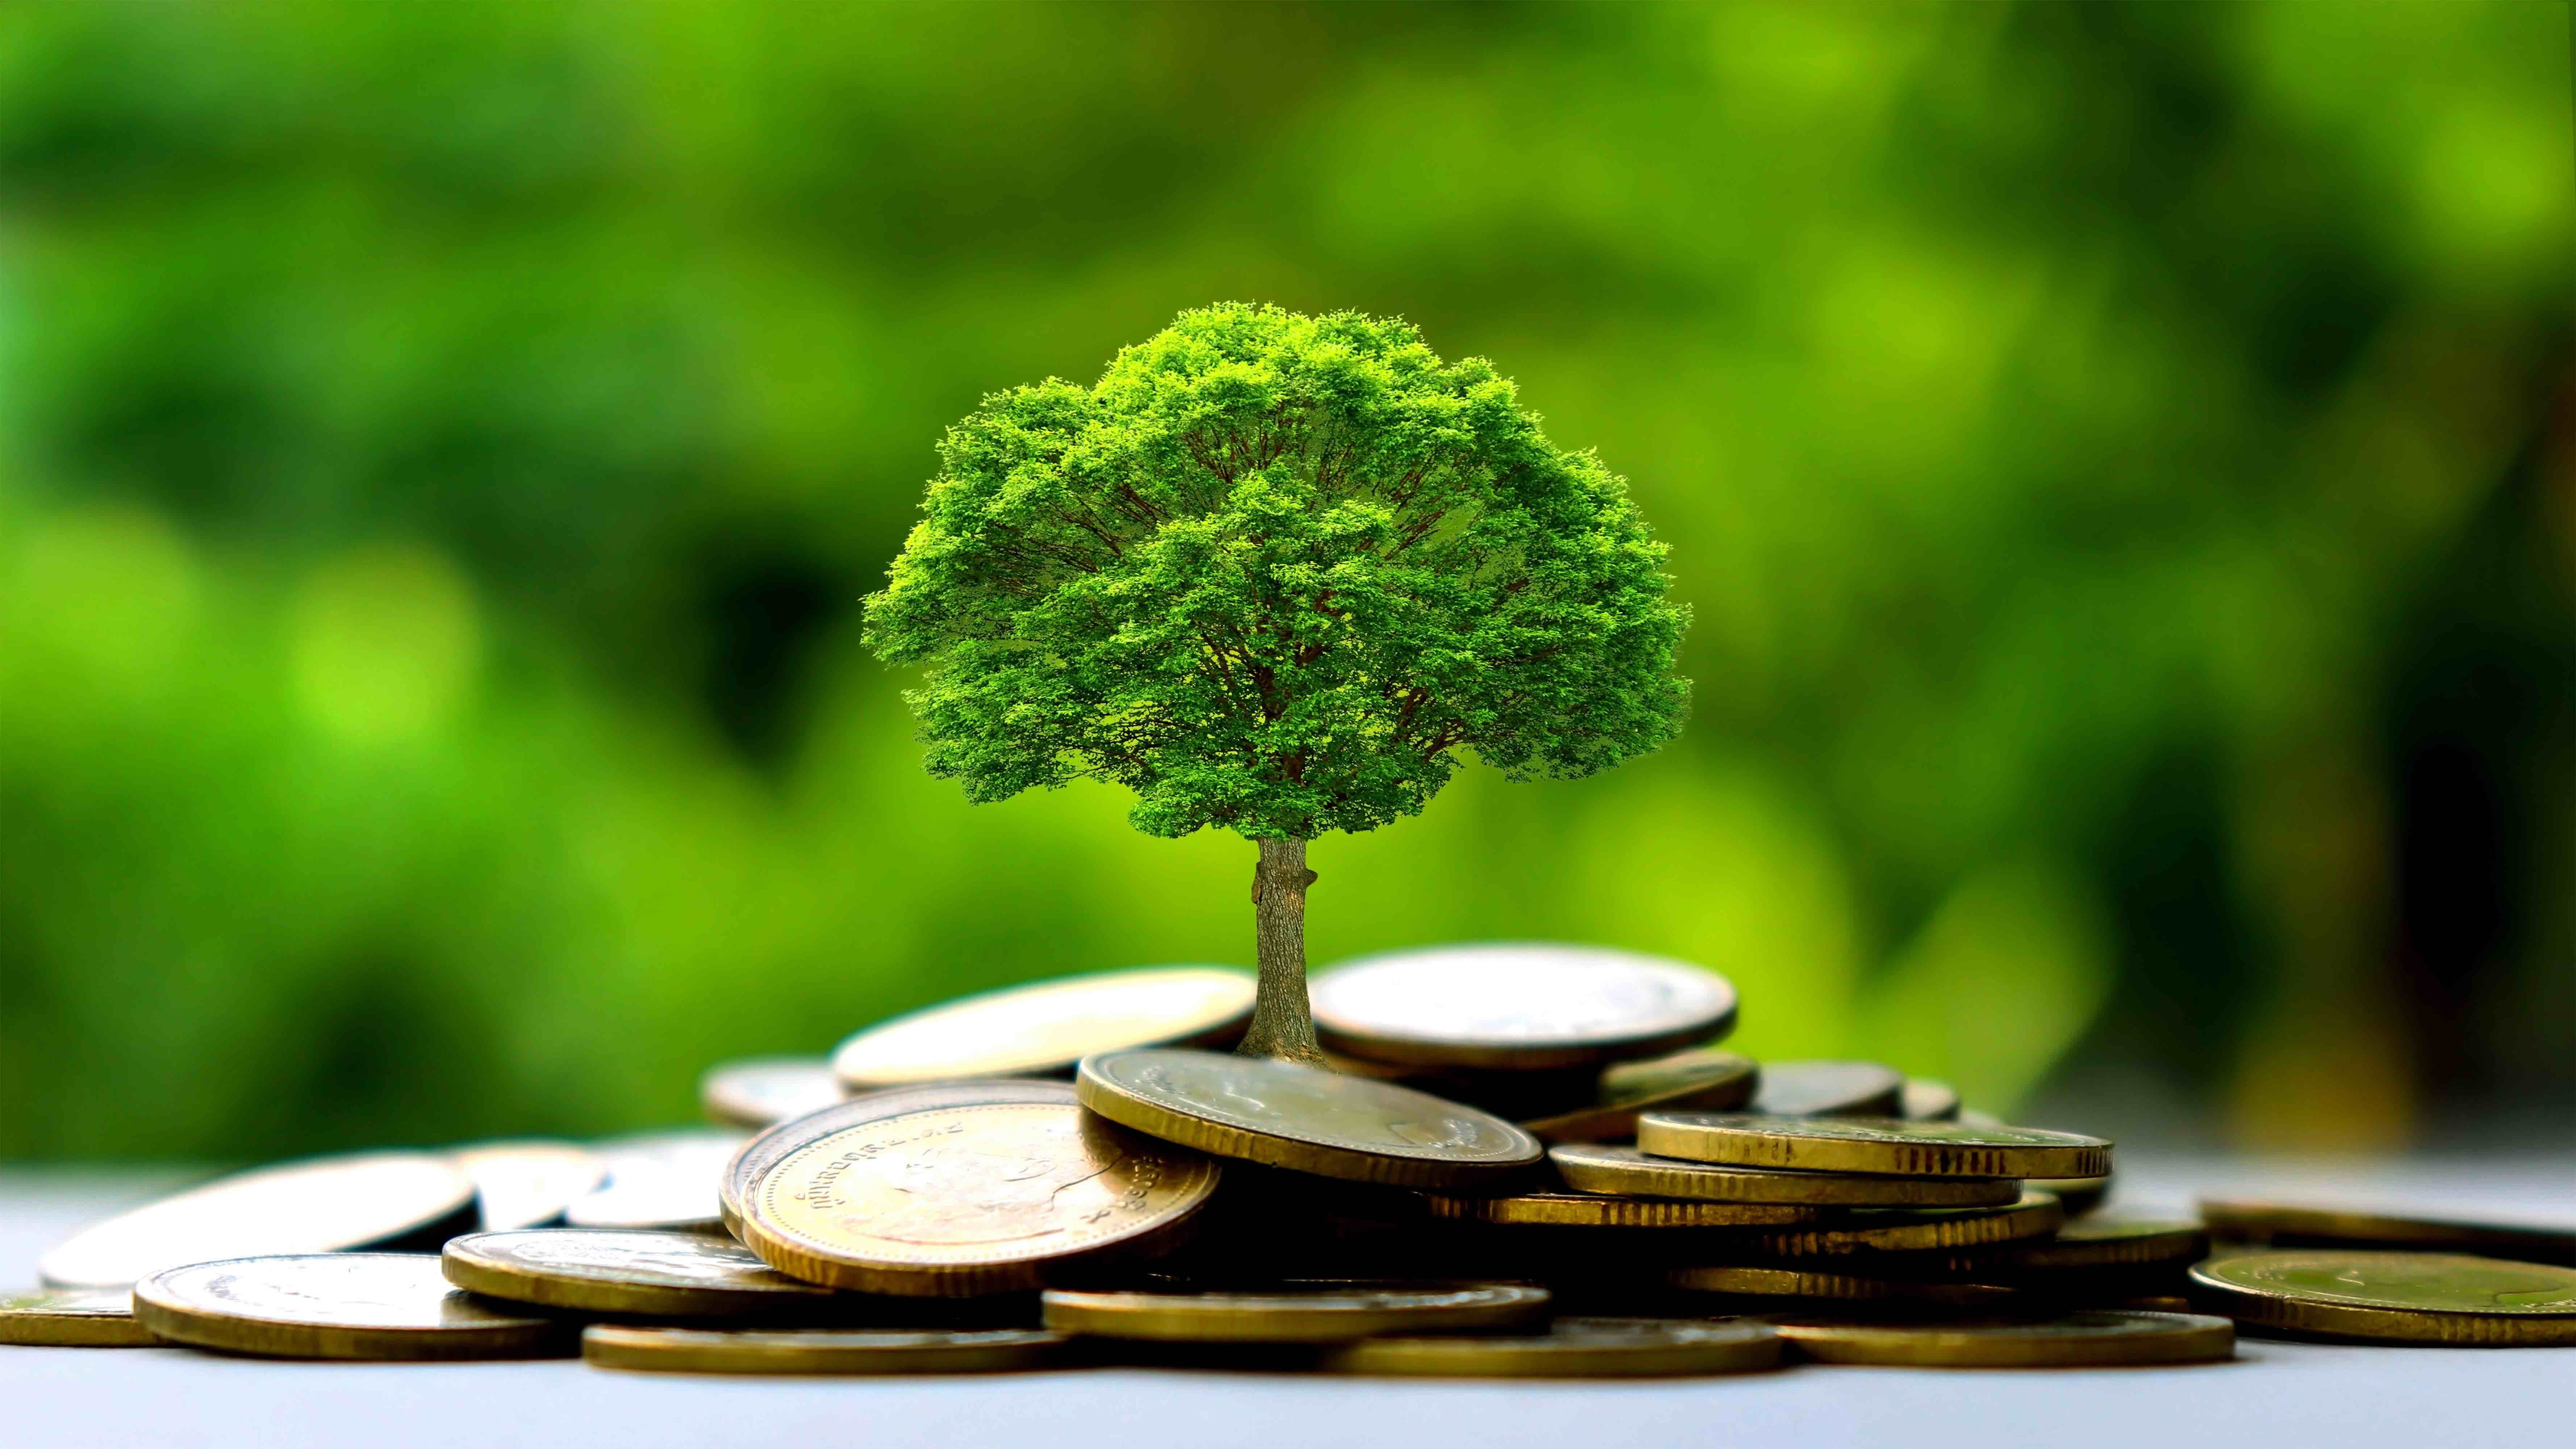 Jak inwestować małe kwoty - i osiągać duże zyski?